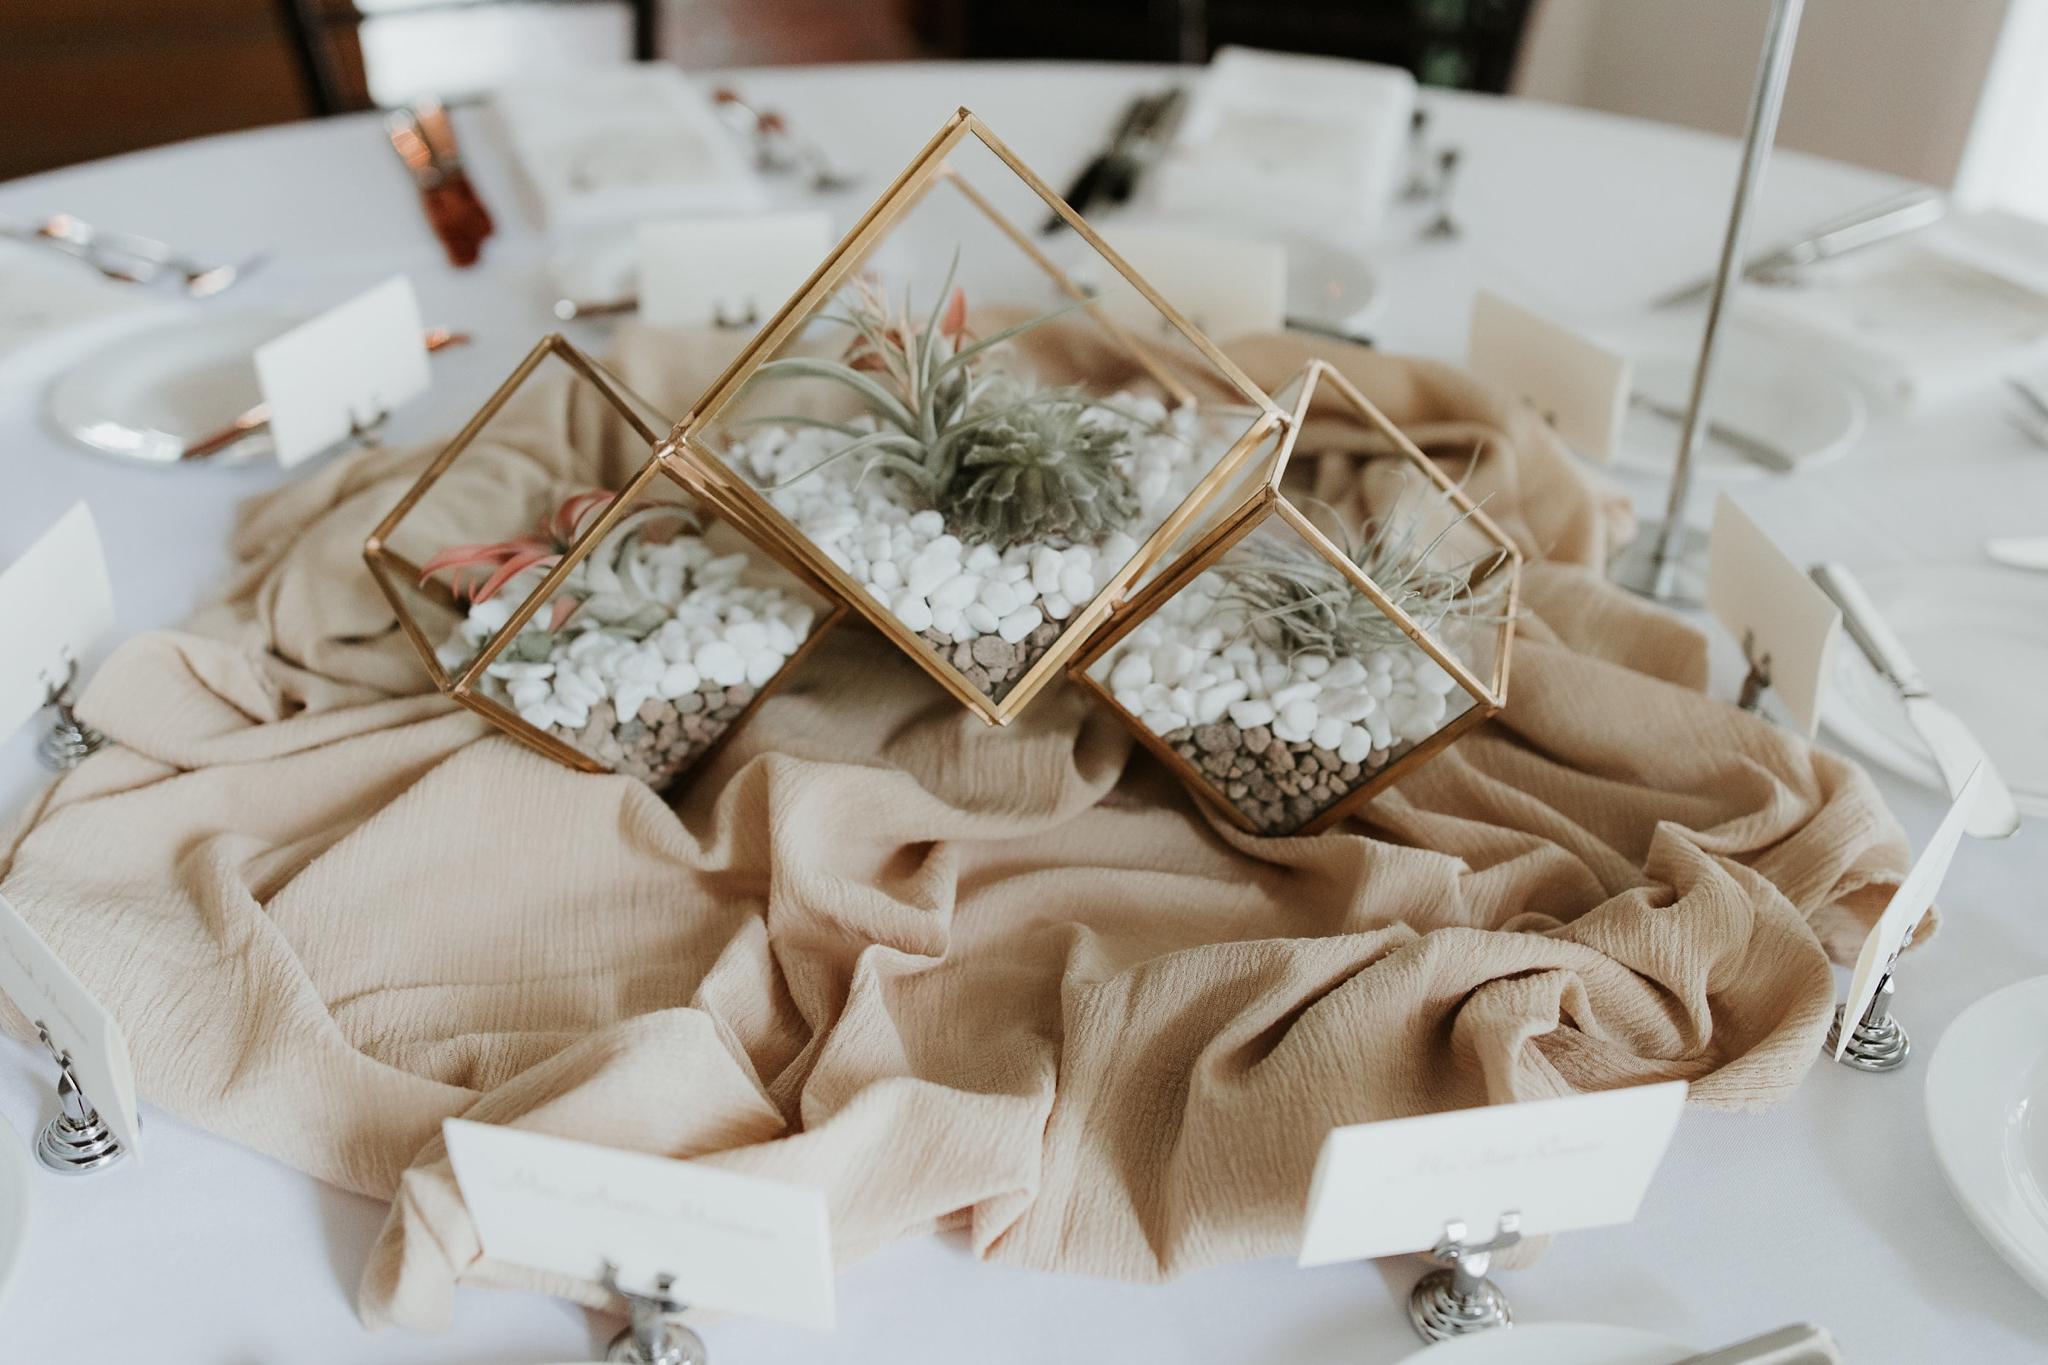 Alicia+lucia+photography+-+albuquerque+wedding+photographer+-+santa+fe+wedding+photography+-+new+mexico+wedding+photographer+-+new+mexico+wedding+-+new+mexico+florist+-+floriography+flowers+-+floriography+flowers+new+mexico+-+wedding+florist_0050.jpg